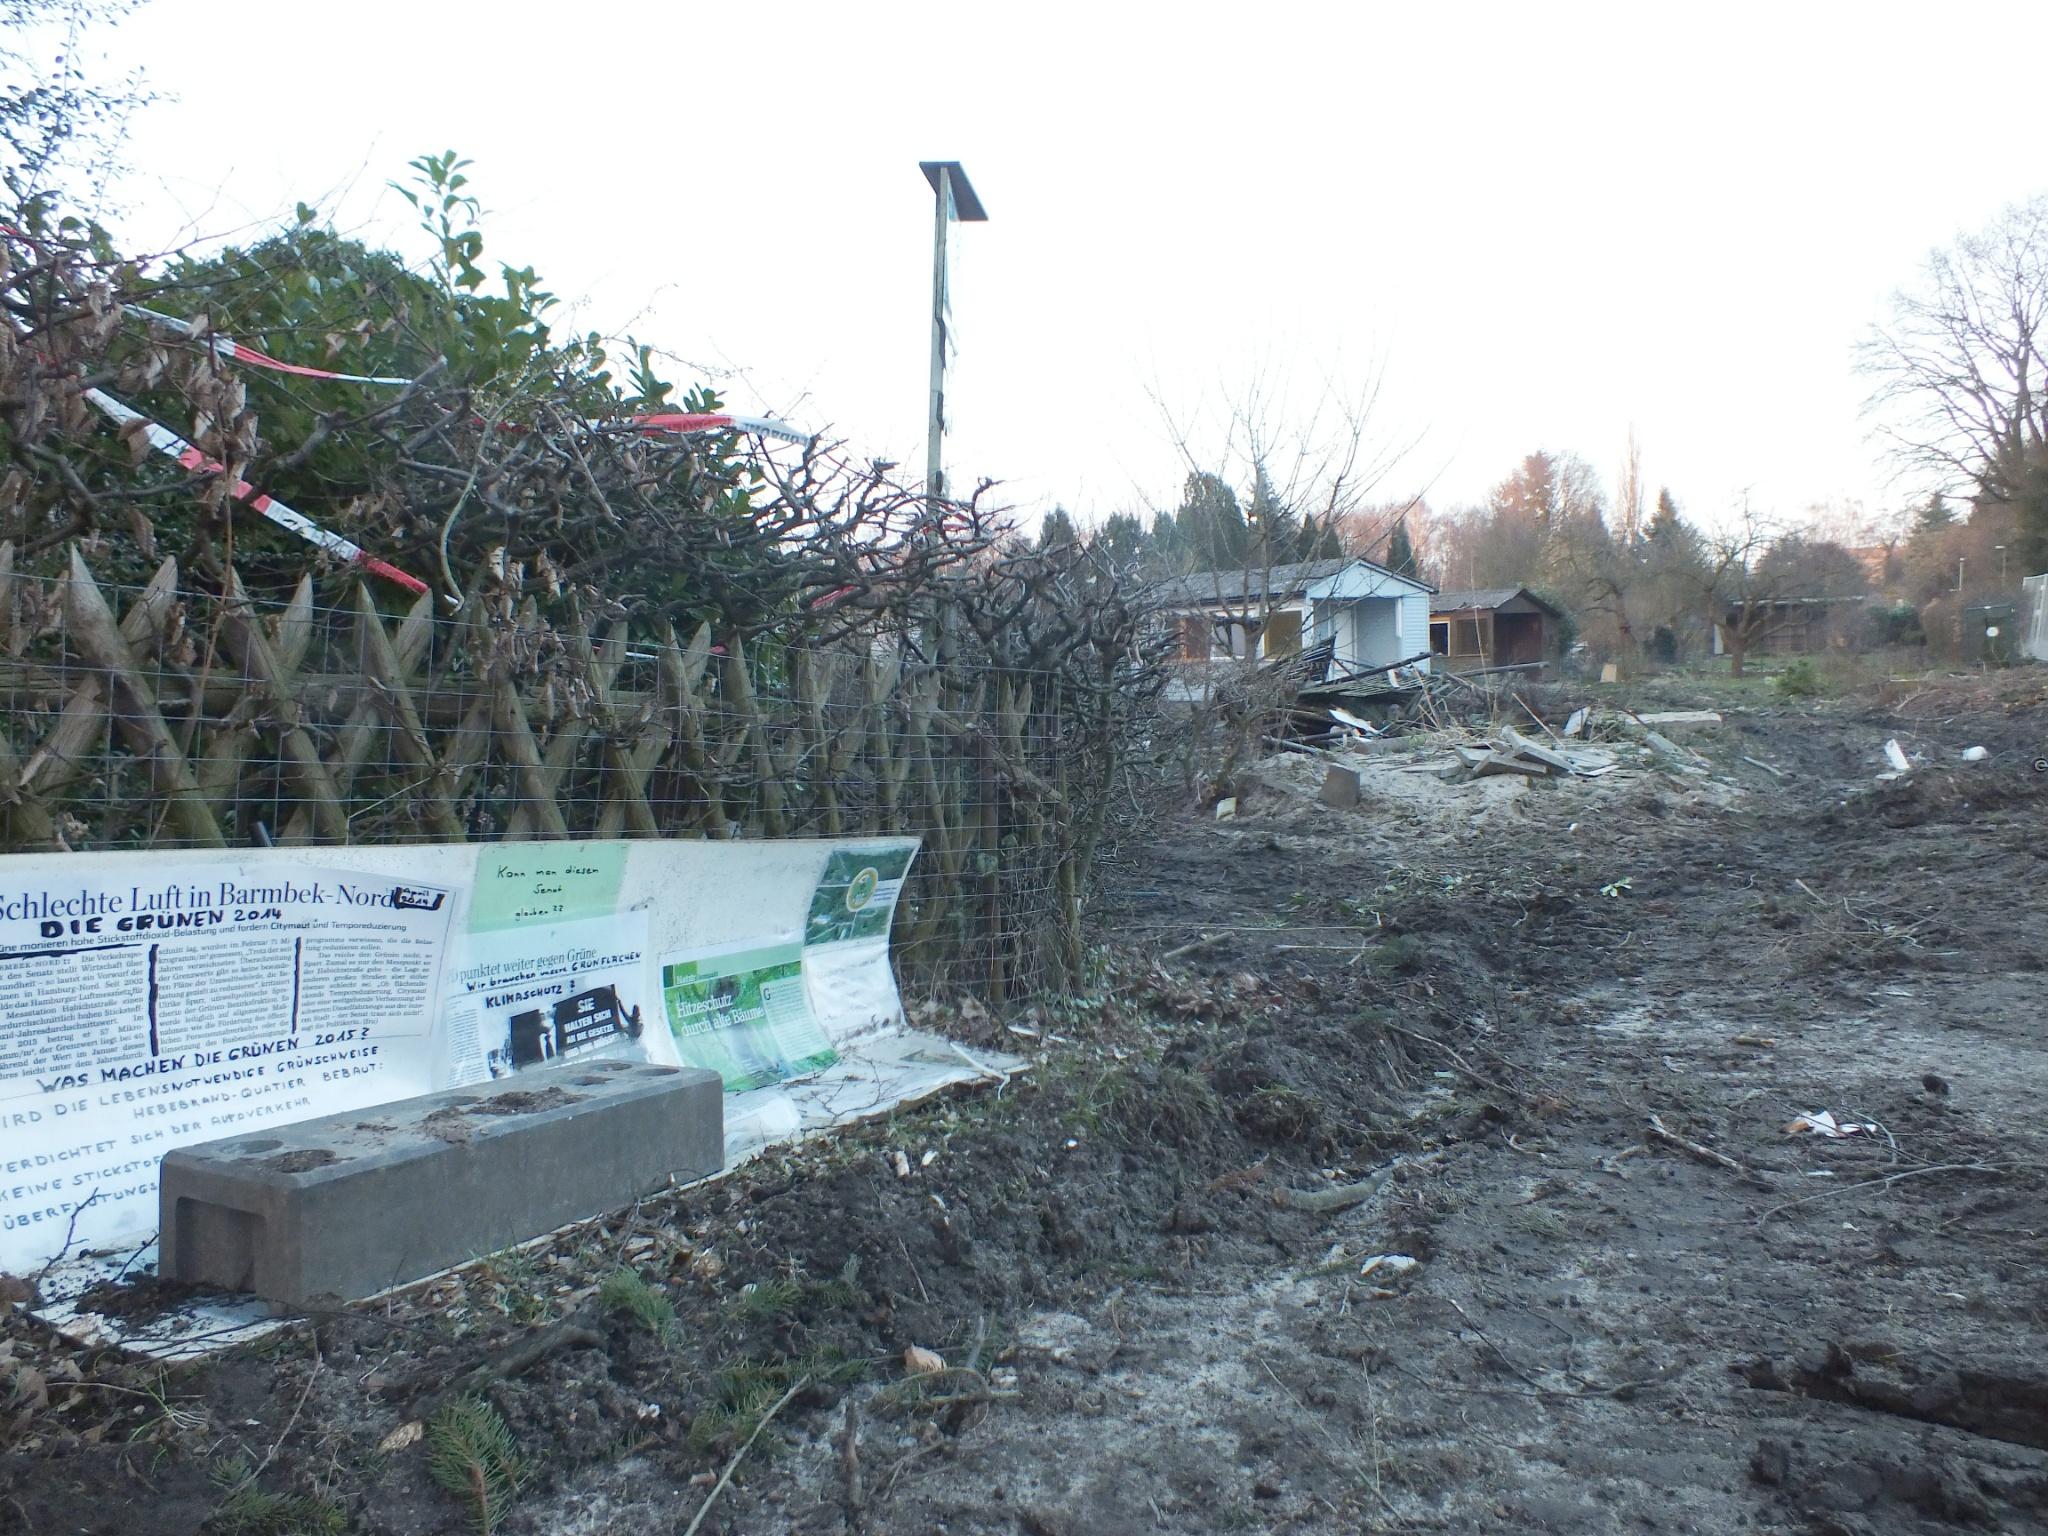 Februar 2016 Pergolenviertel Schlechte Luft, zerstörte Gärten